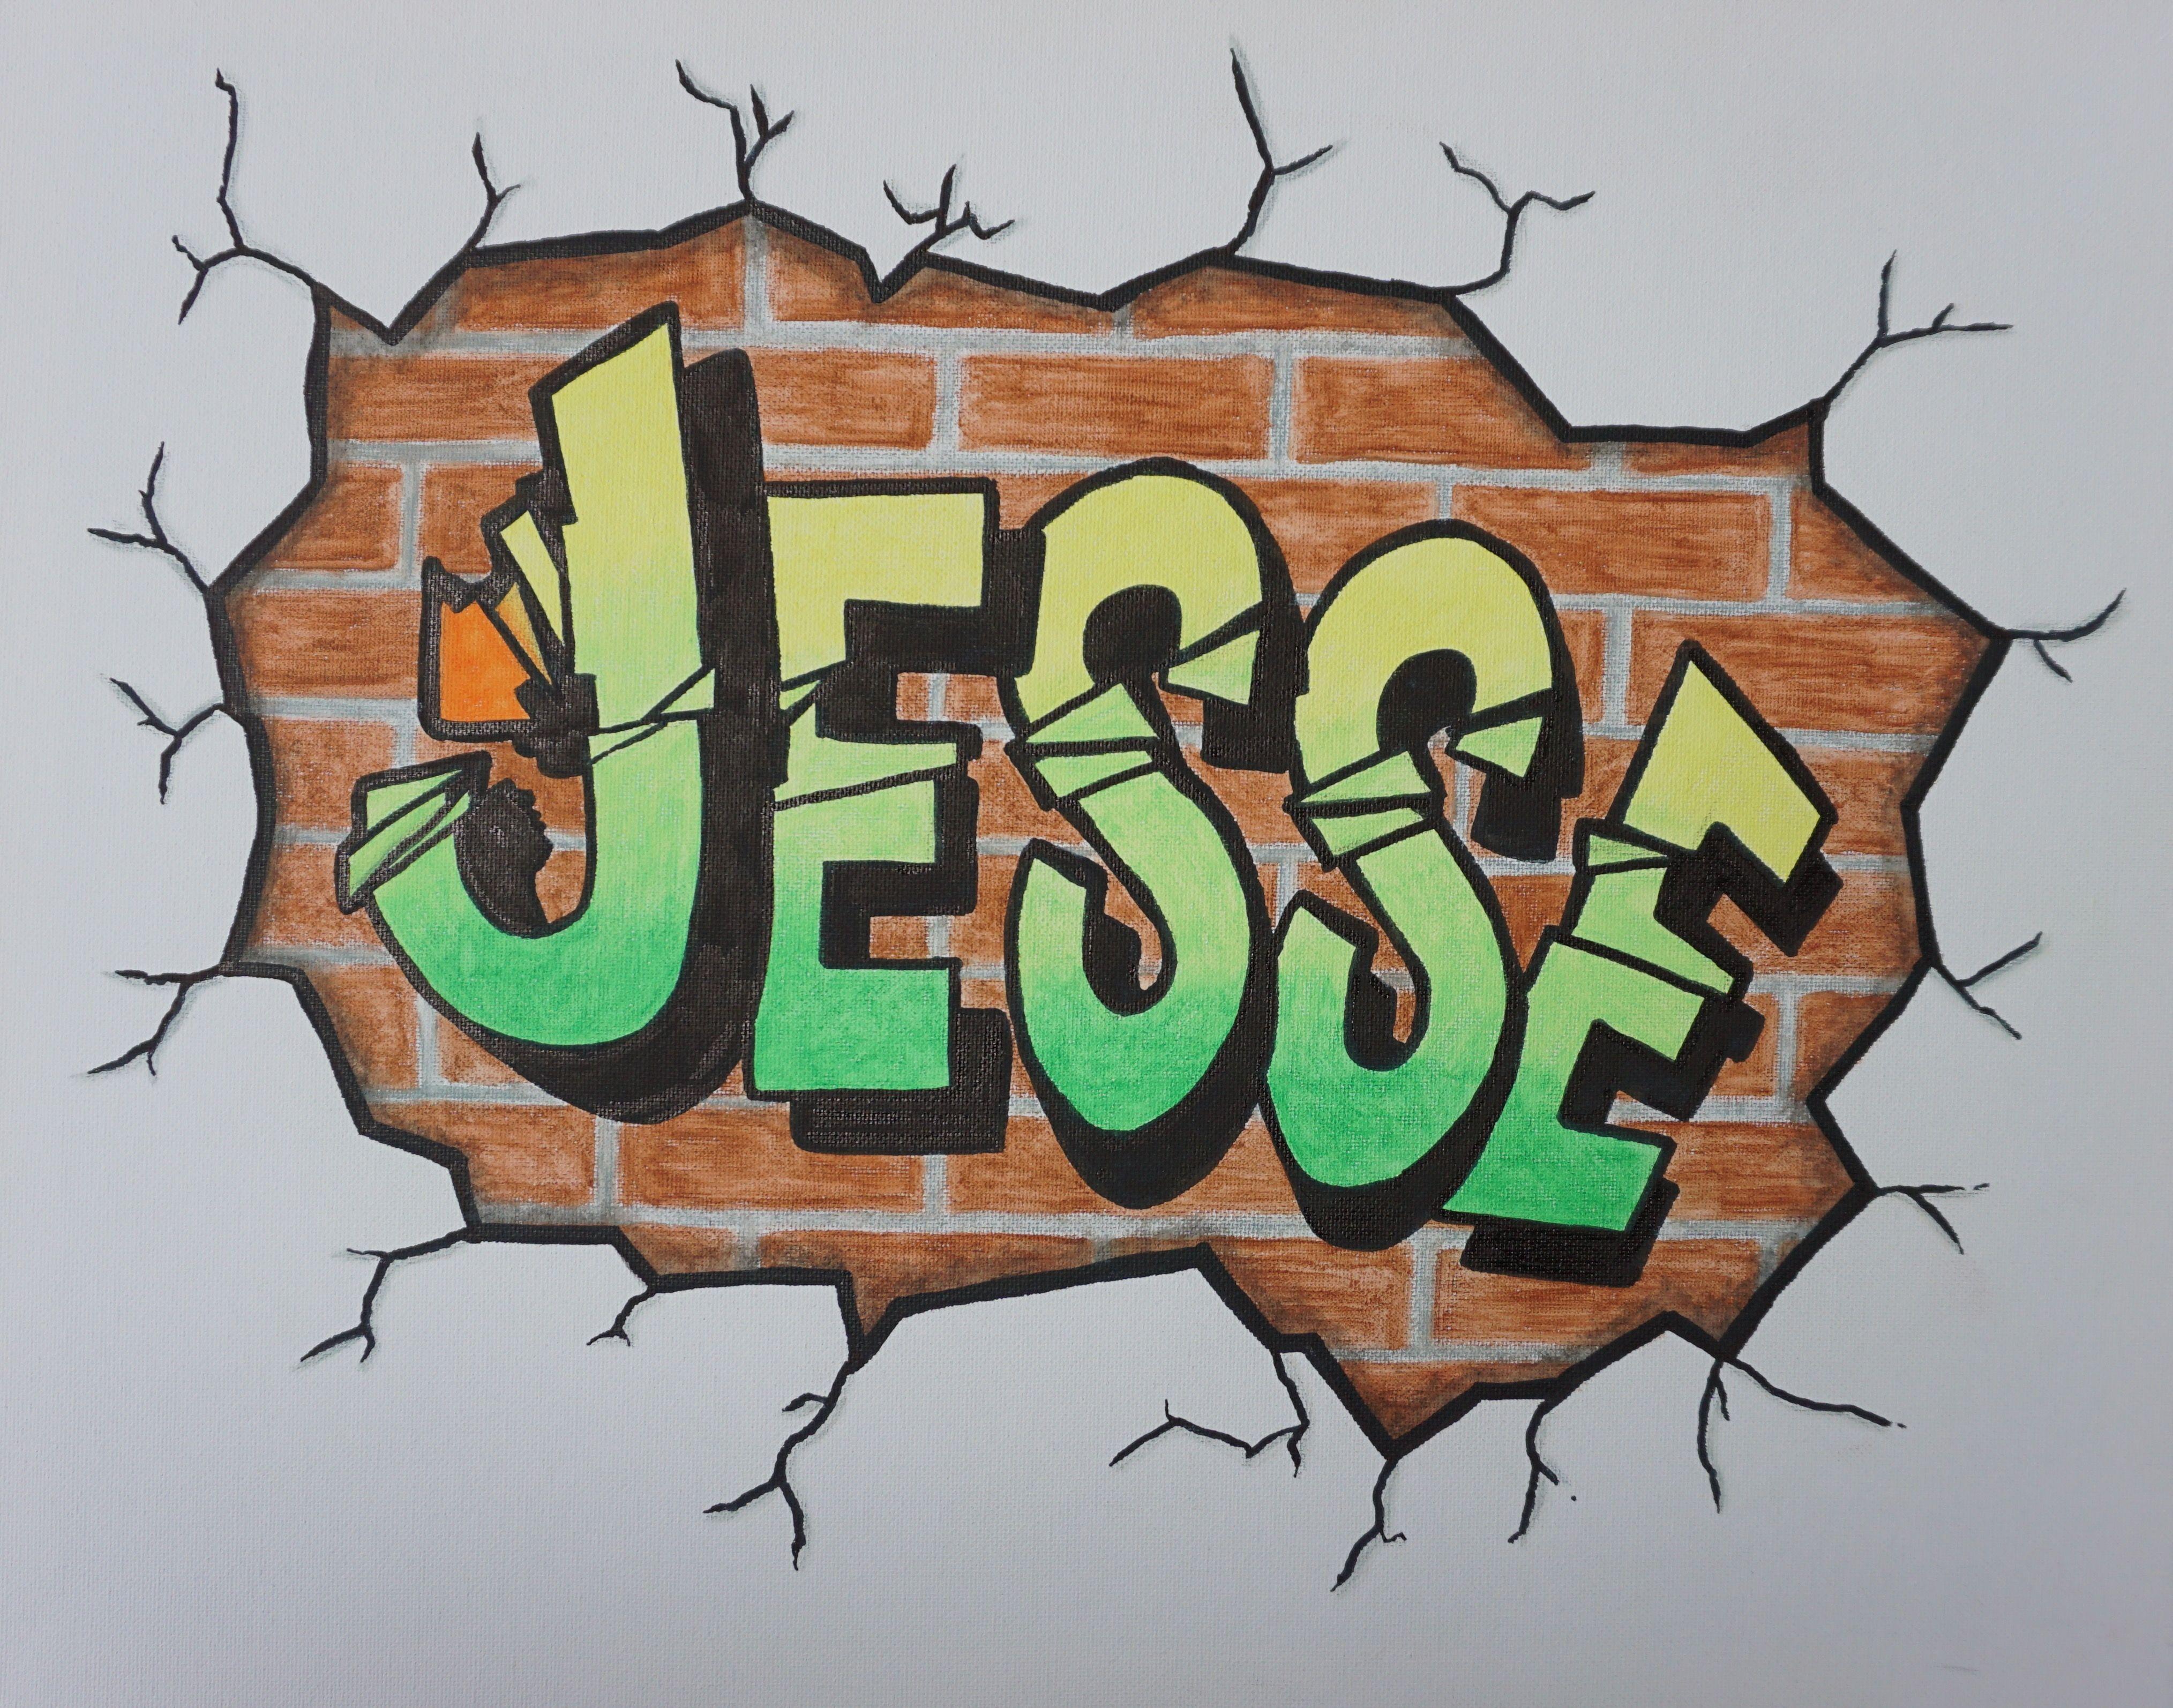 Populair Deze graffiti tekening is het geworden voor de surprise. | Fraukes #PQ43